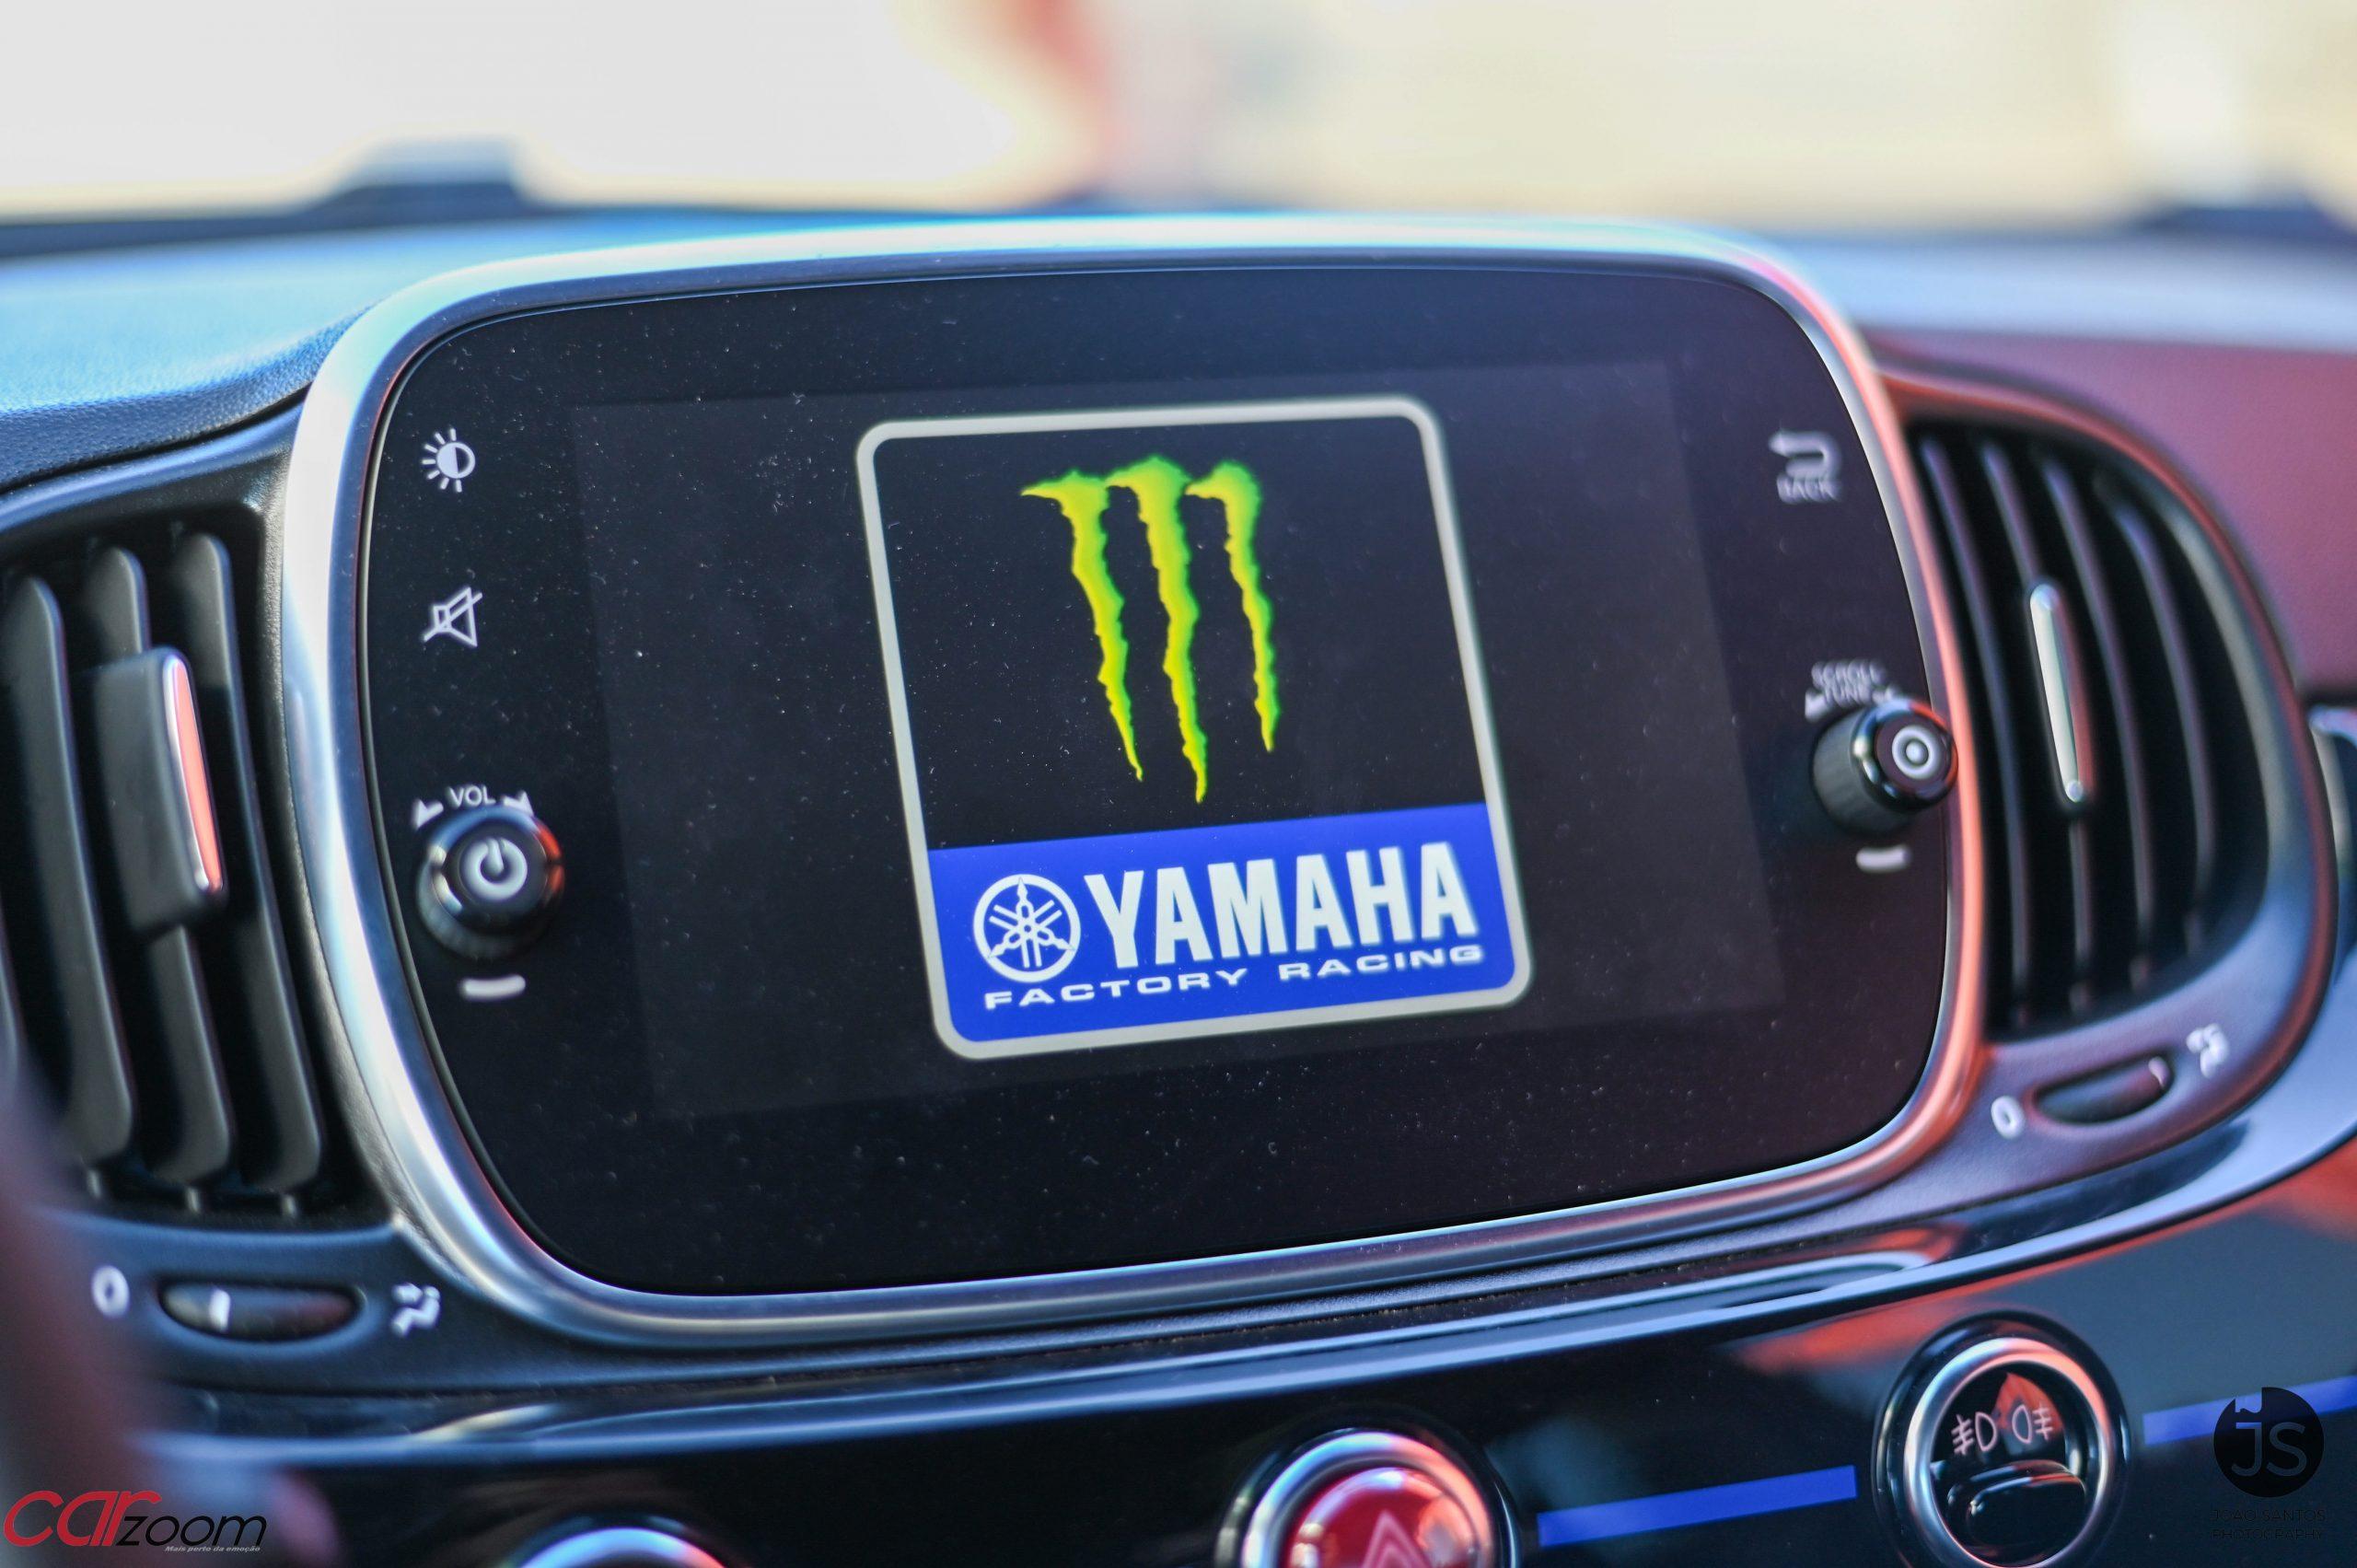 Ensaiámos o Abarth 595 Yamaha com a ajuda da Madalena Simões piloto da Yamaha Motor 7! 28